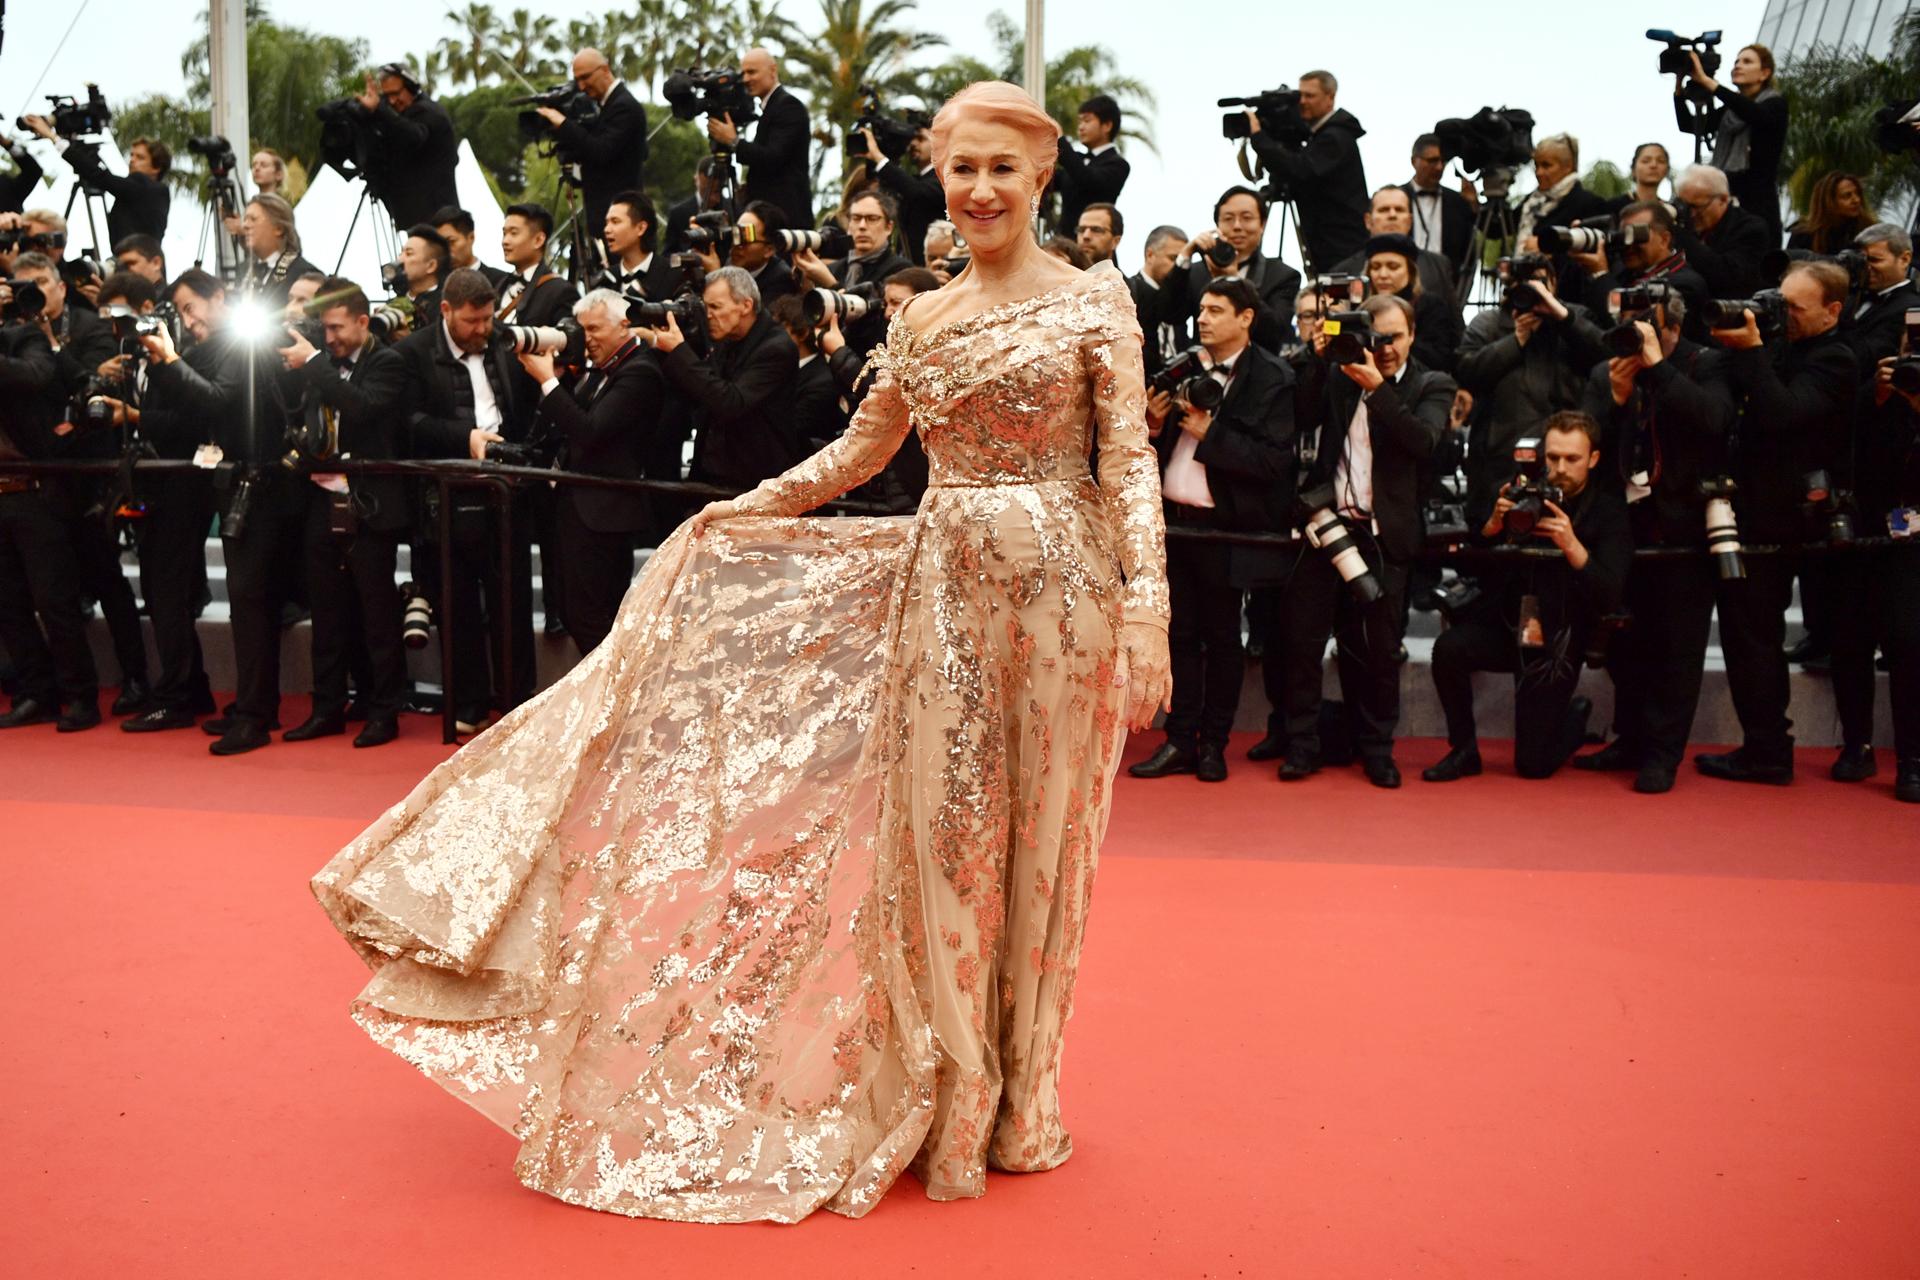 Helen Mirren eligió un vestido dorado de corte asimétrico en su escote, con mangas largas y sobrefalda. Sin accesorios, el bordado